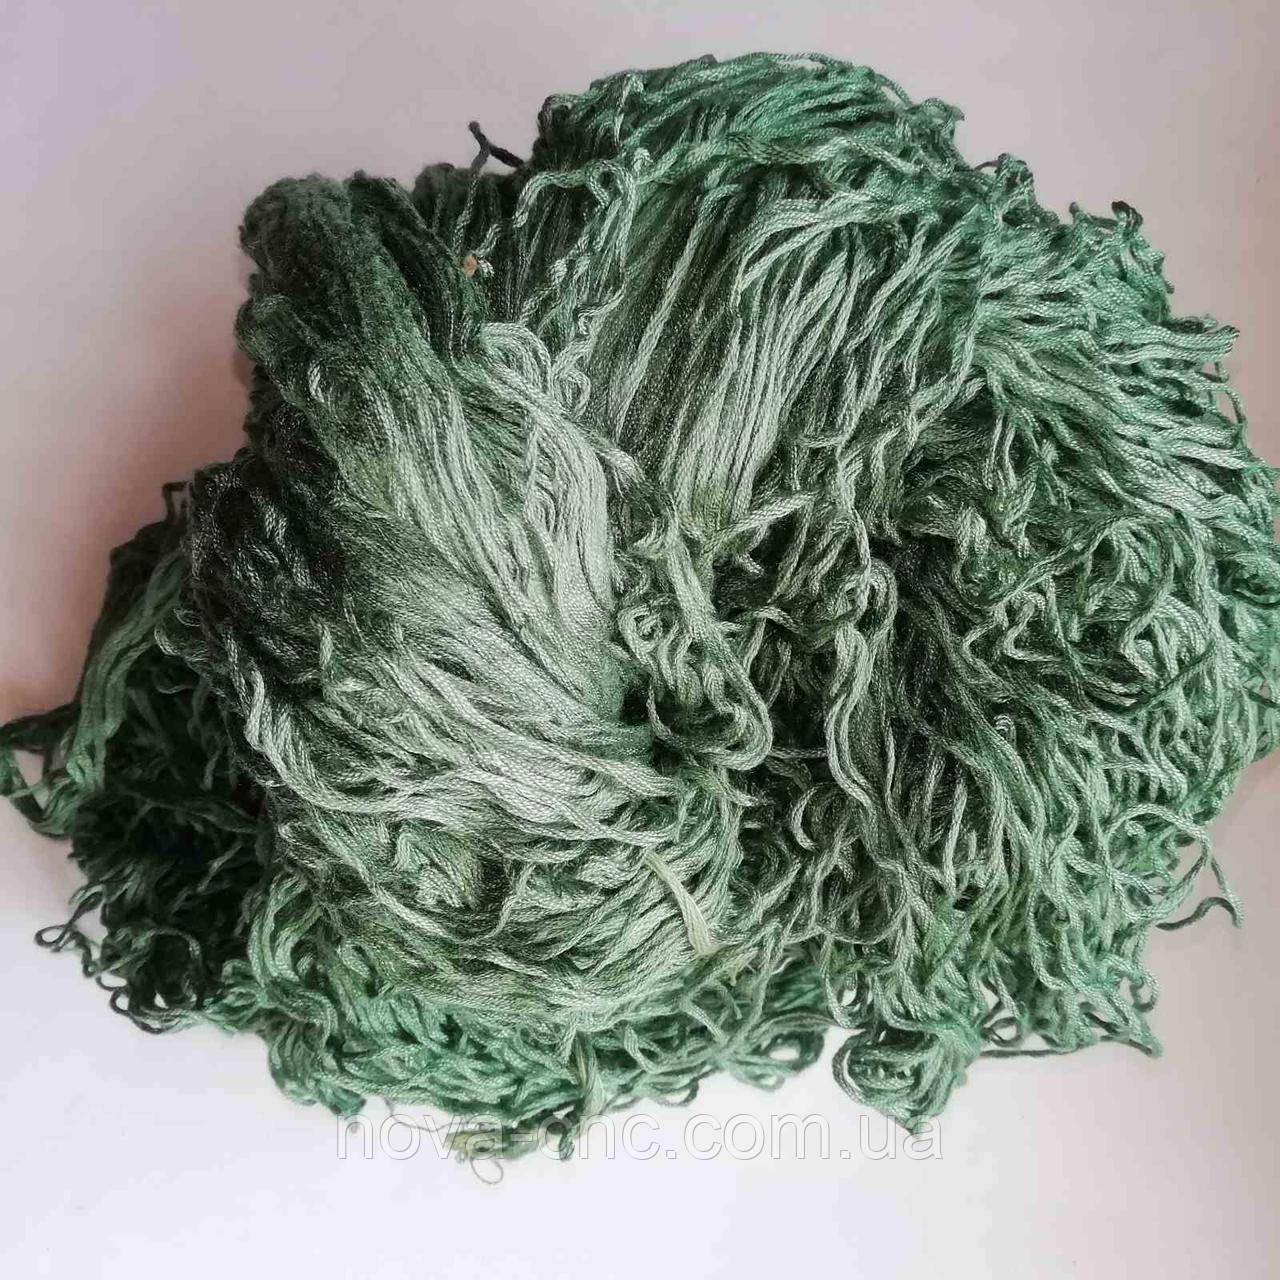 Нитки  Мулине Цвет зеленый с сероватым оттенком упаковка 240 грамм